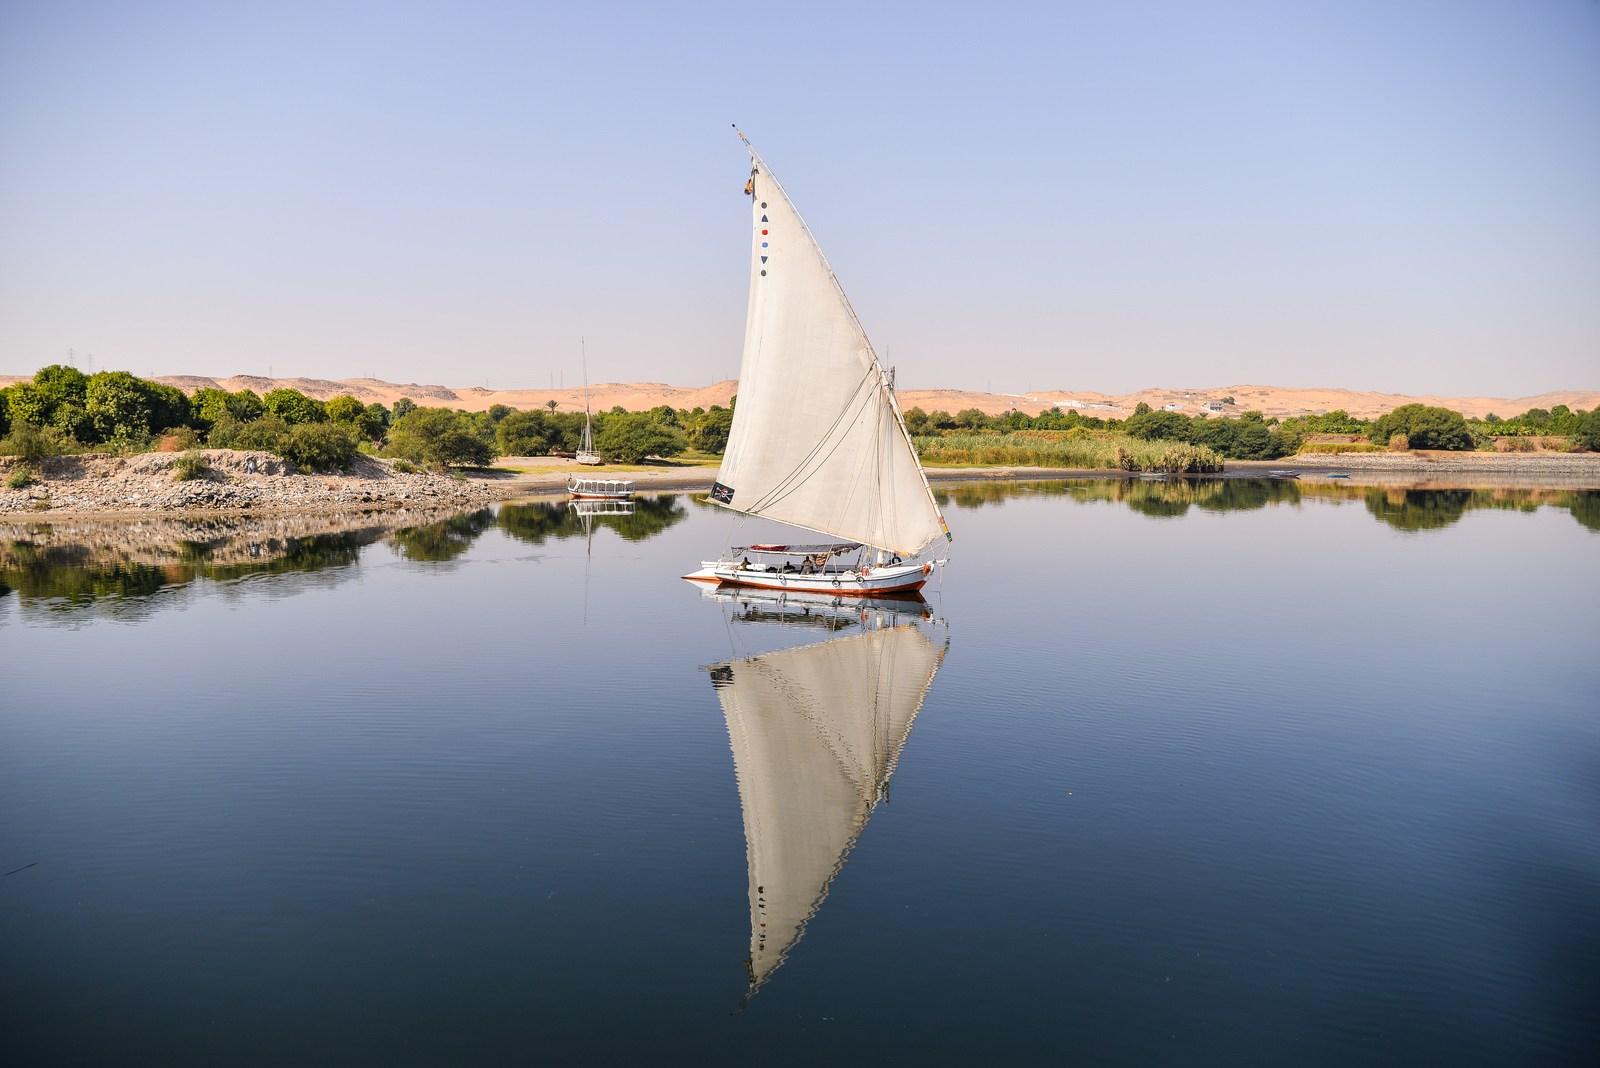 Felouque sur le Nil Le Nil